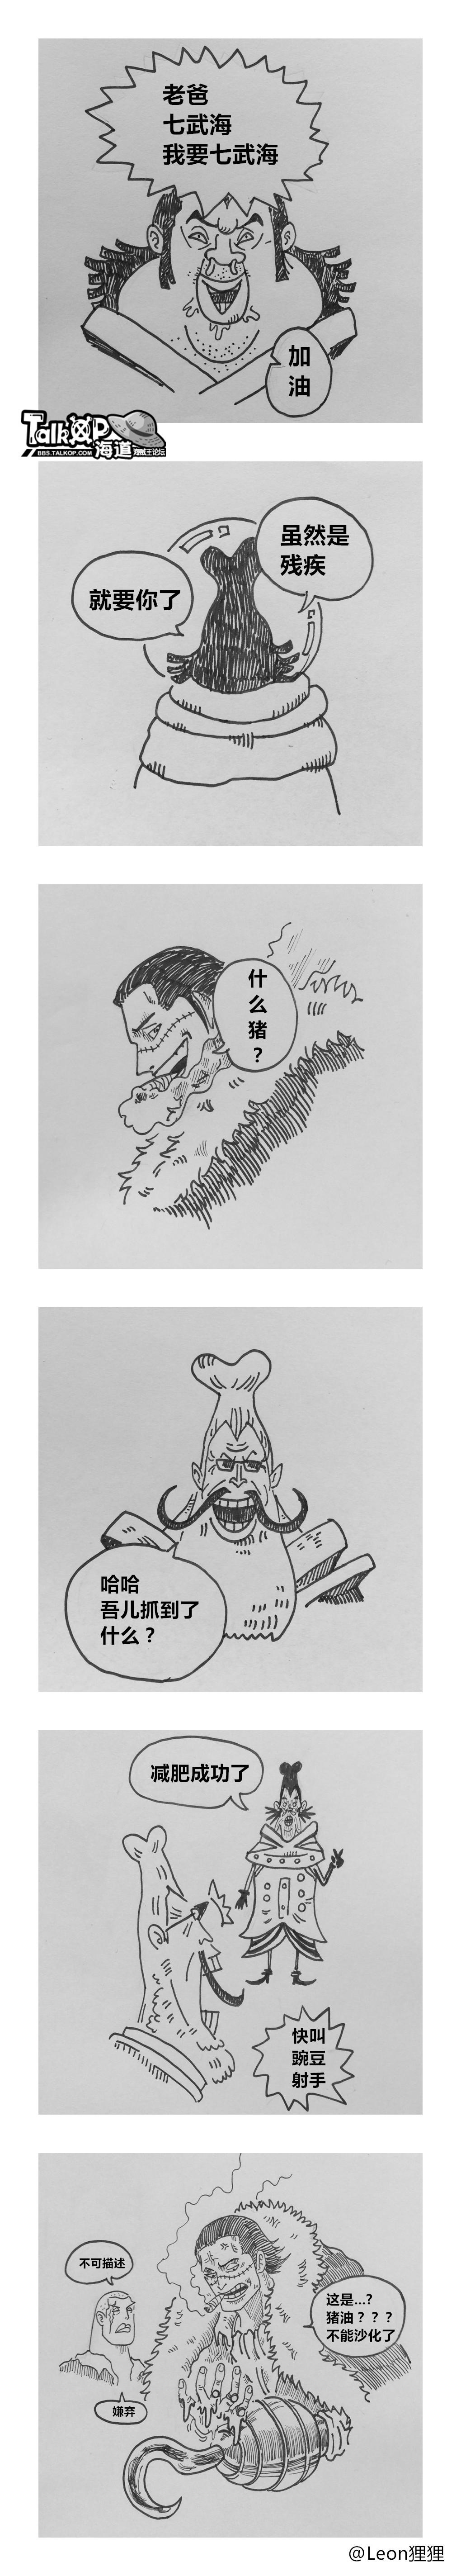 沙鳄篇.jpg